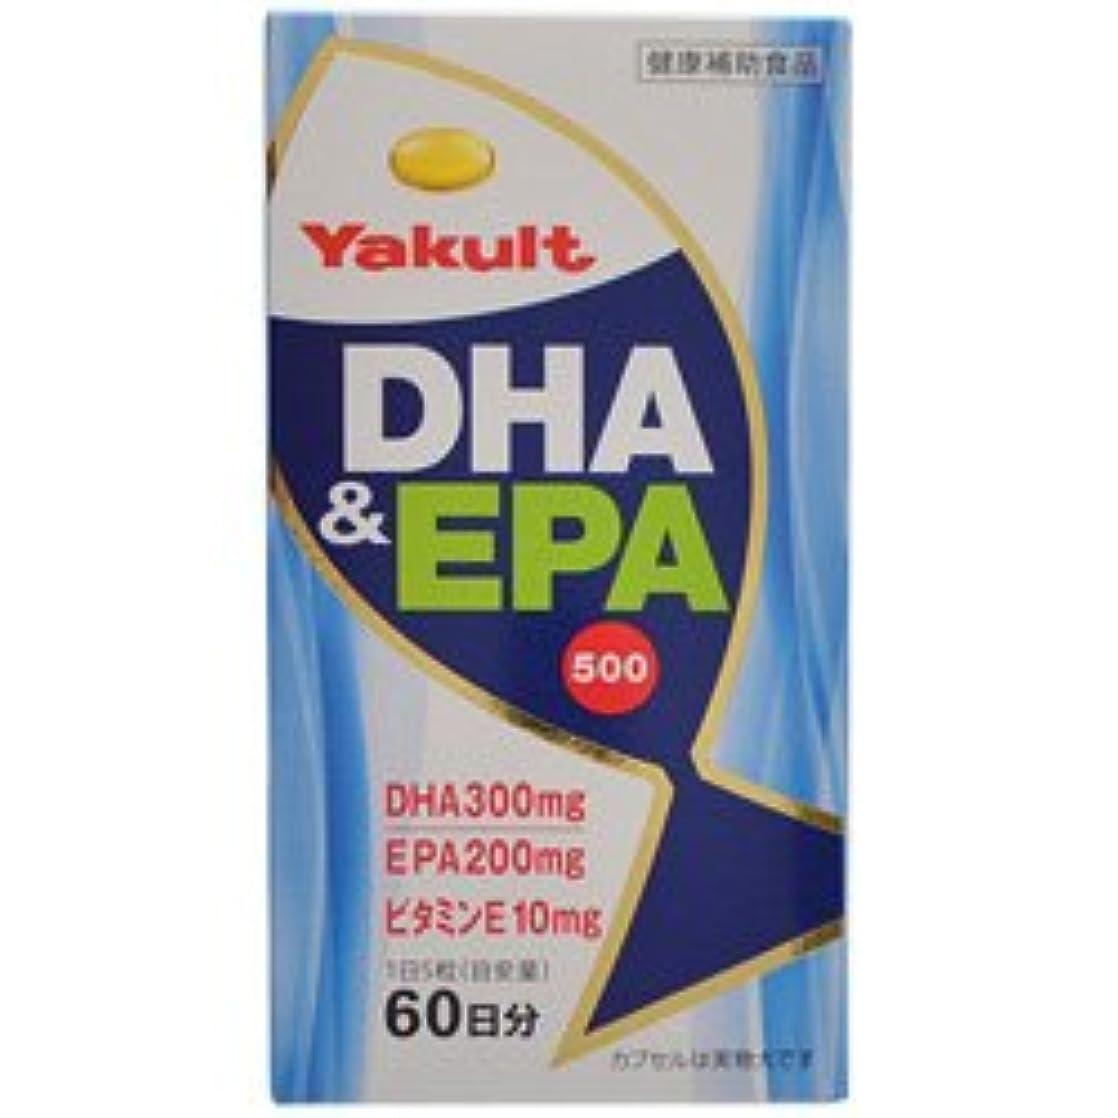 高尚な女性カウントアップ【ヤクルトヘルスフーズ】DHA&EPA 500 300粒 ×20個セット